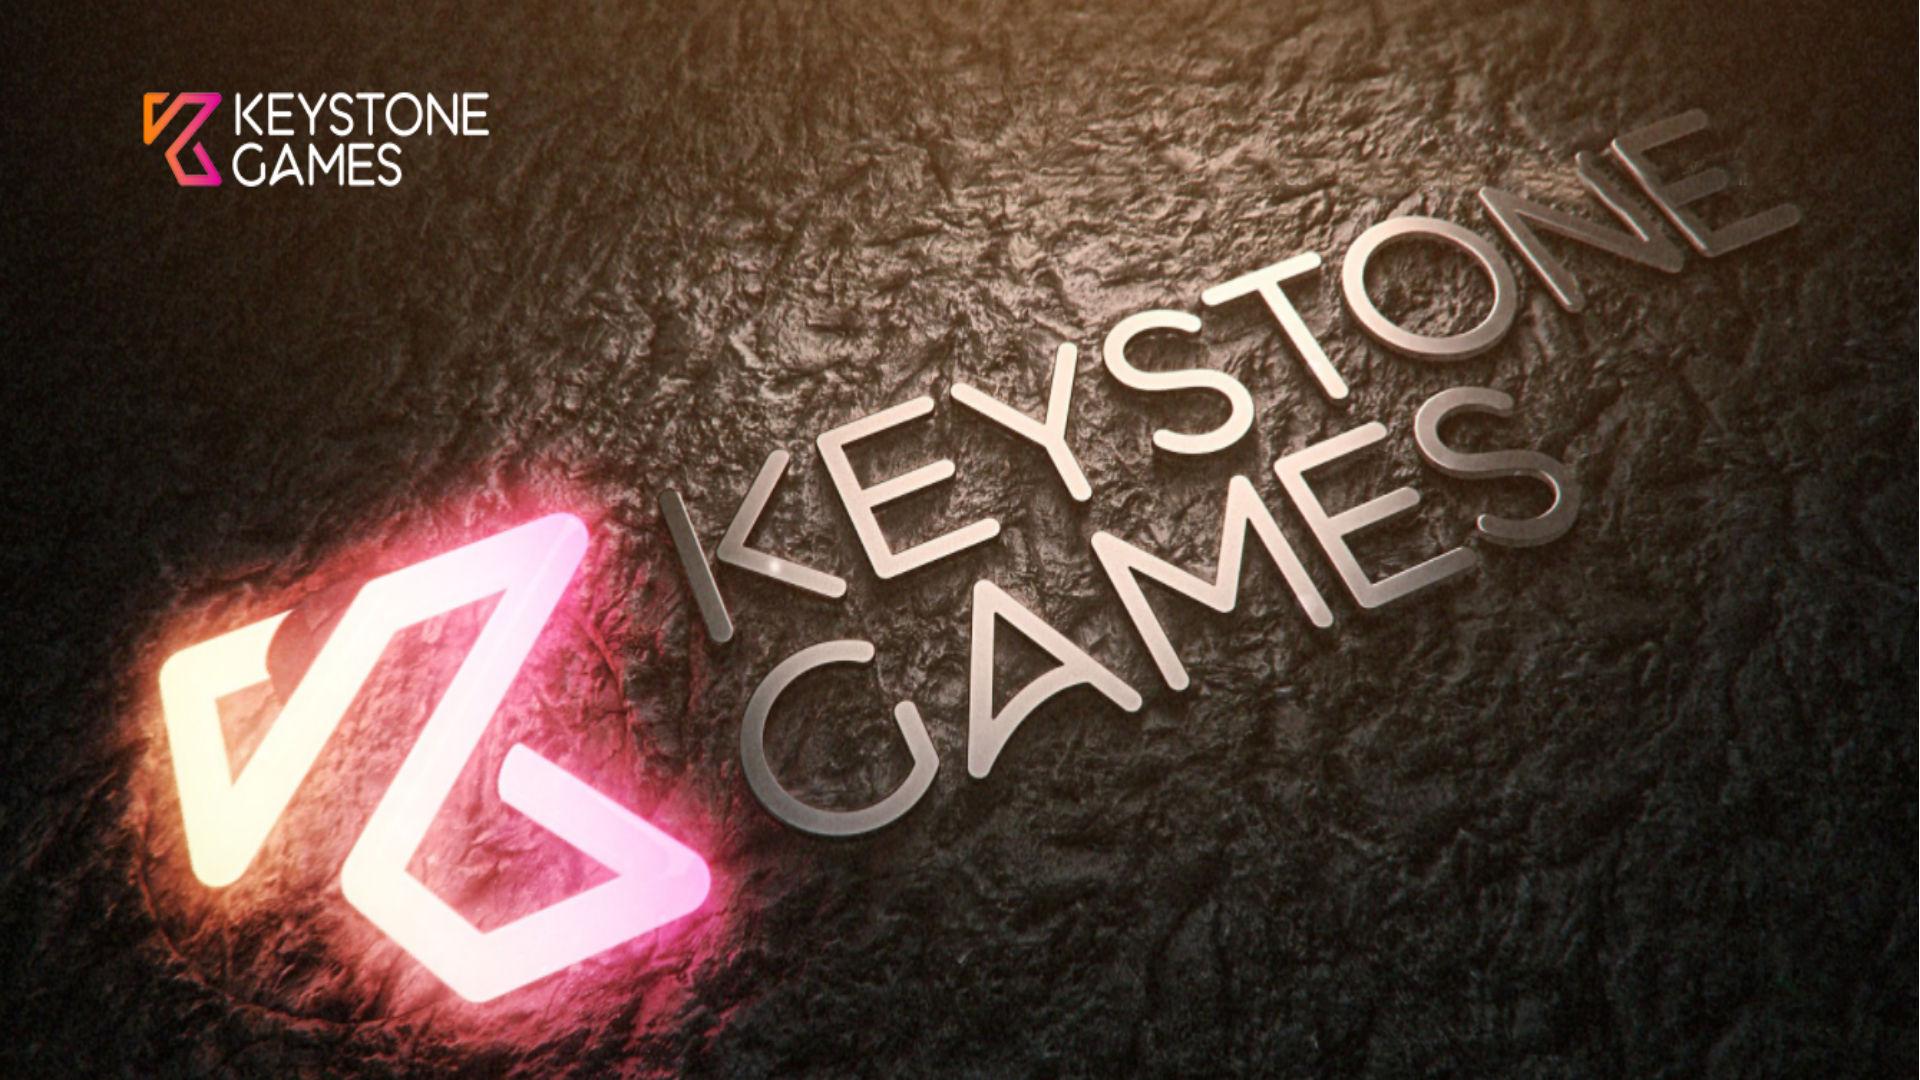 Keystone Games